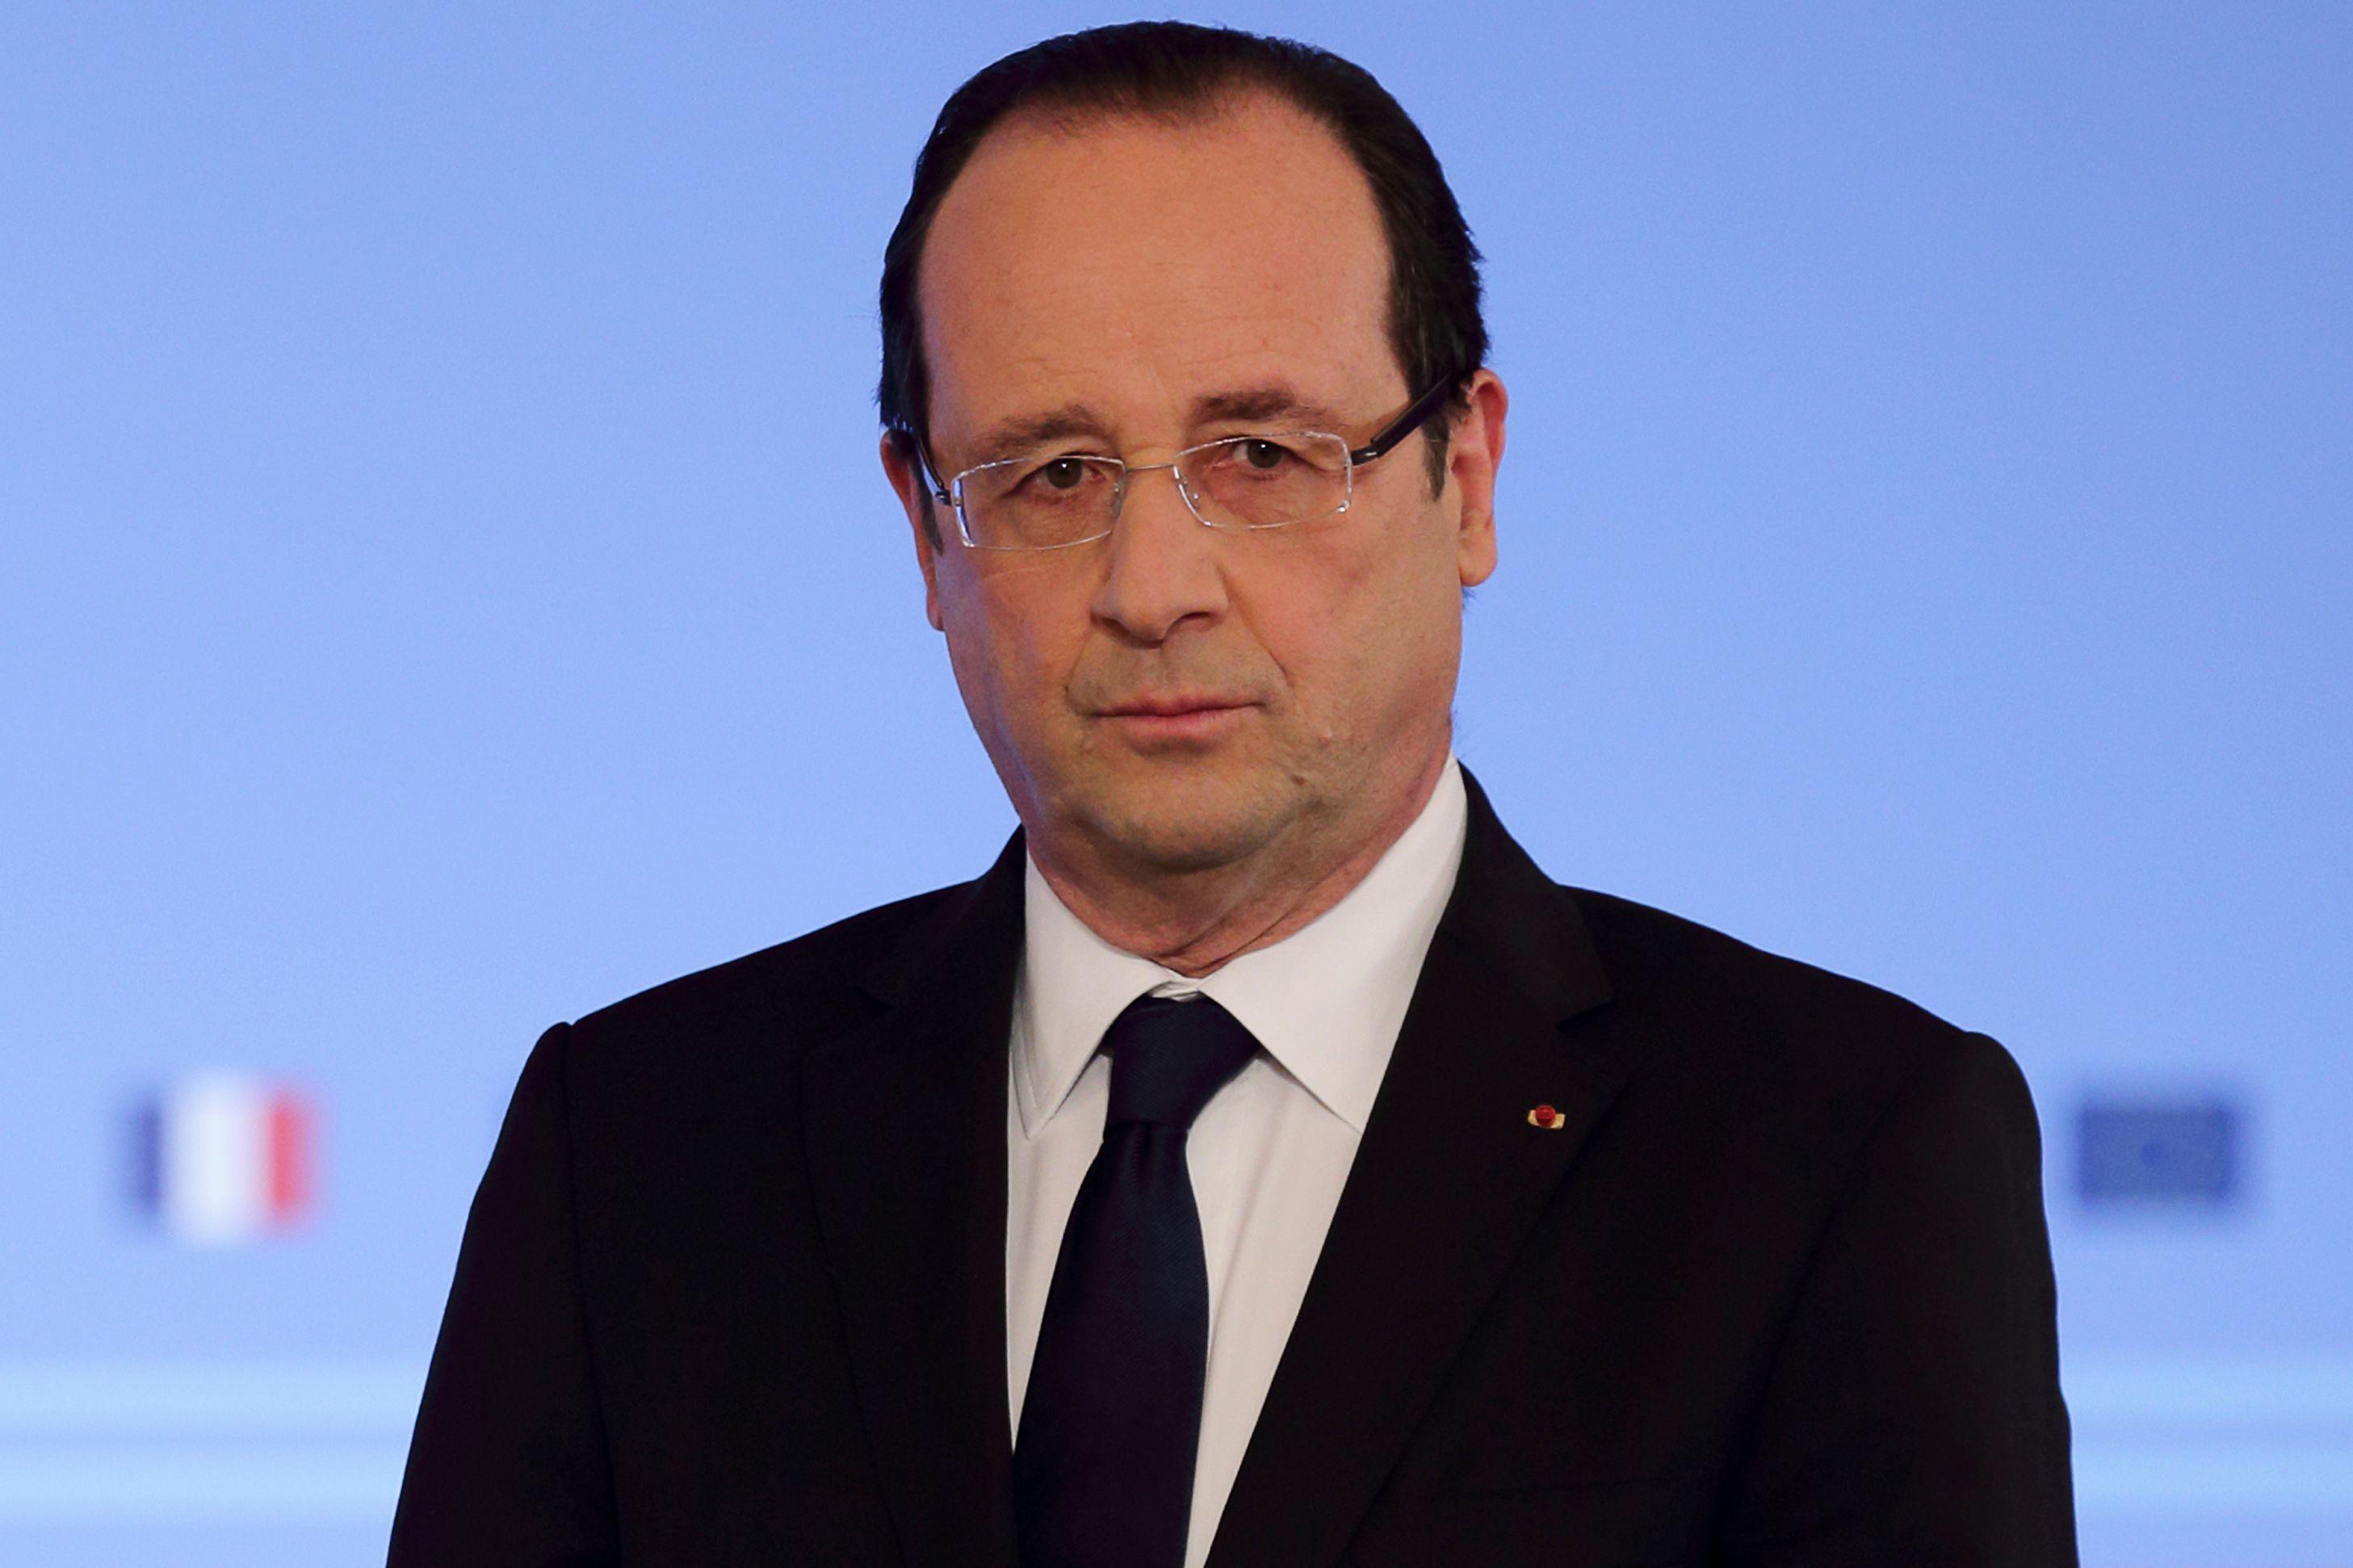 L'intervention militaire française au Mali propulse François Hollande dans un nouveau rôle : celui de chef de guerre.